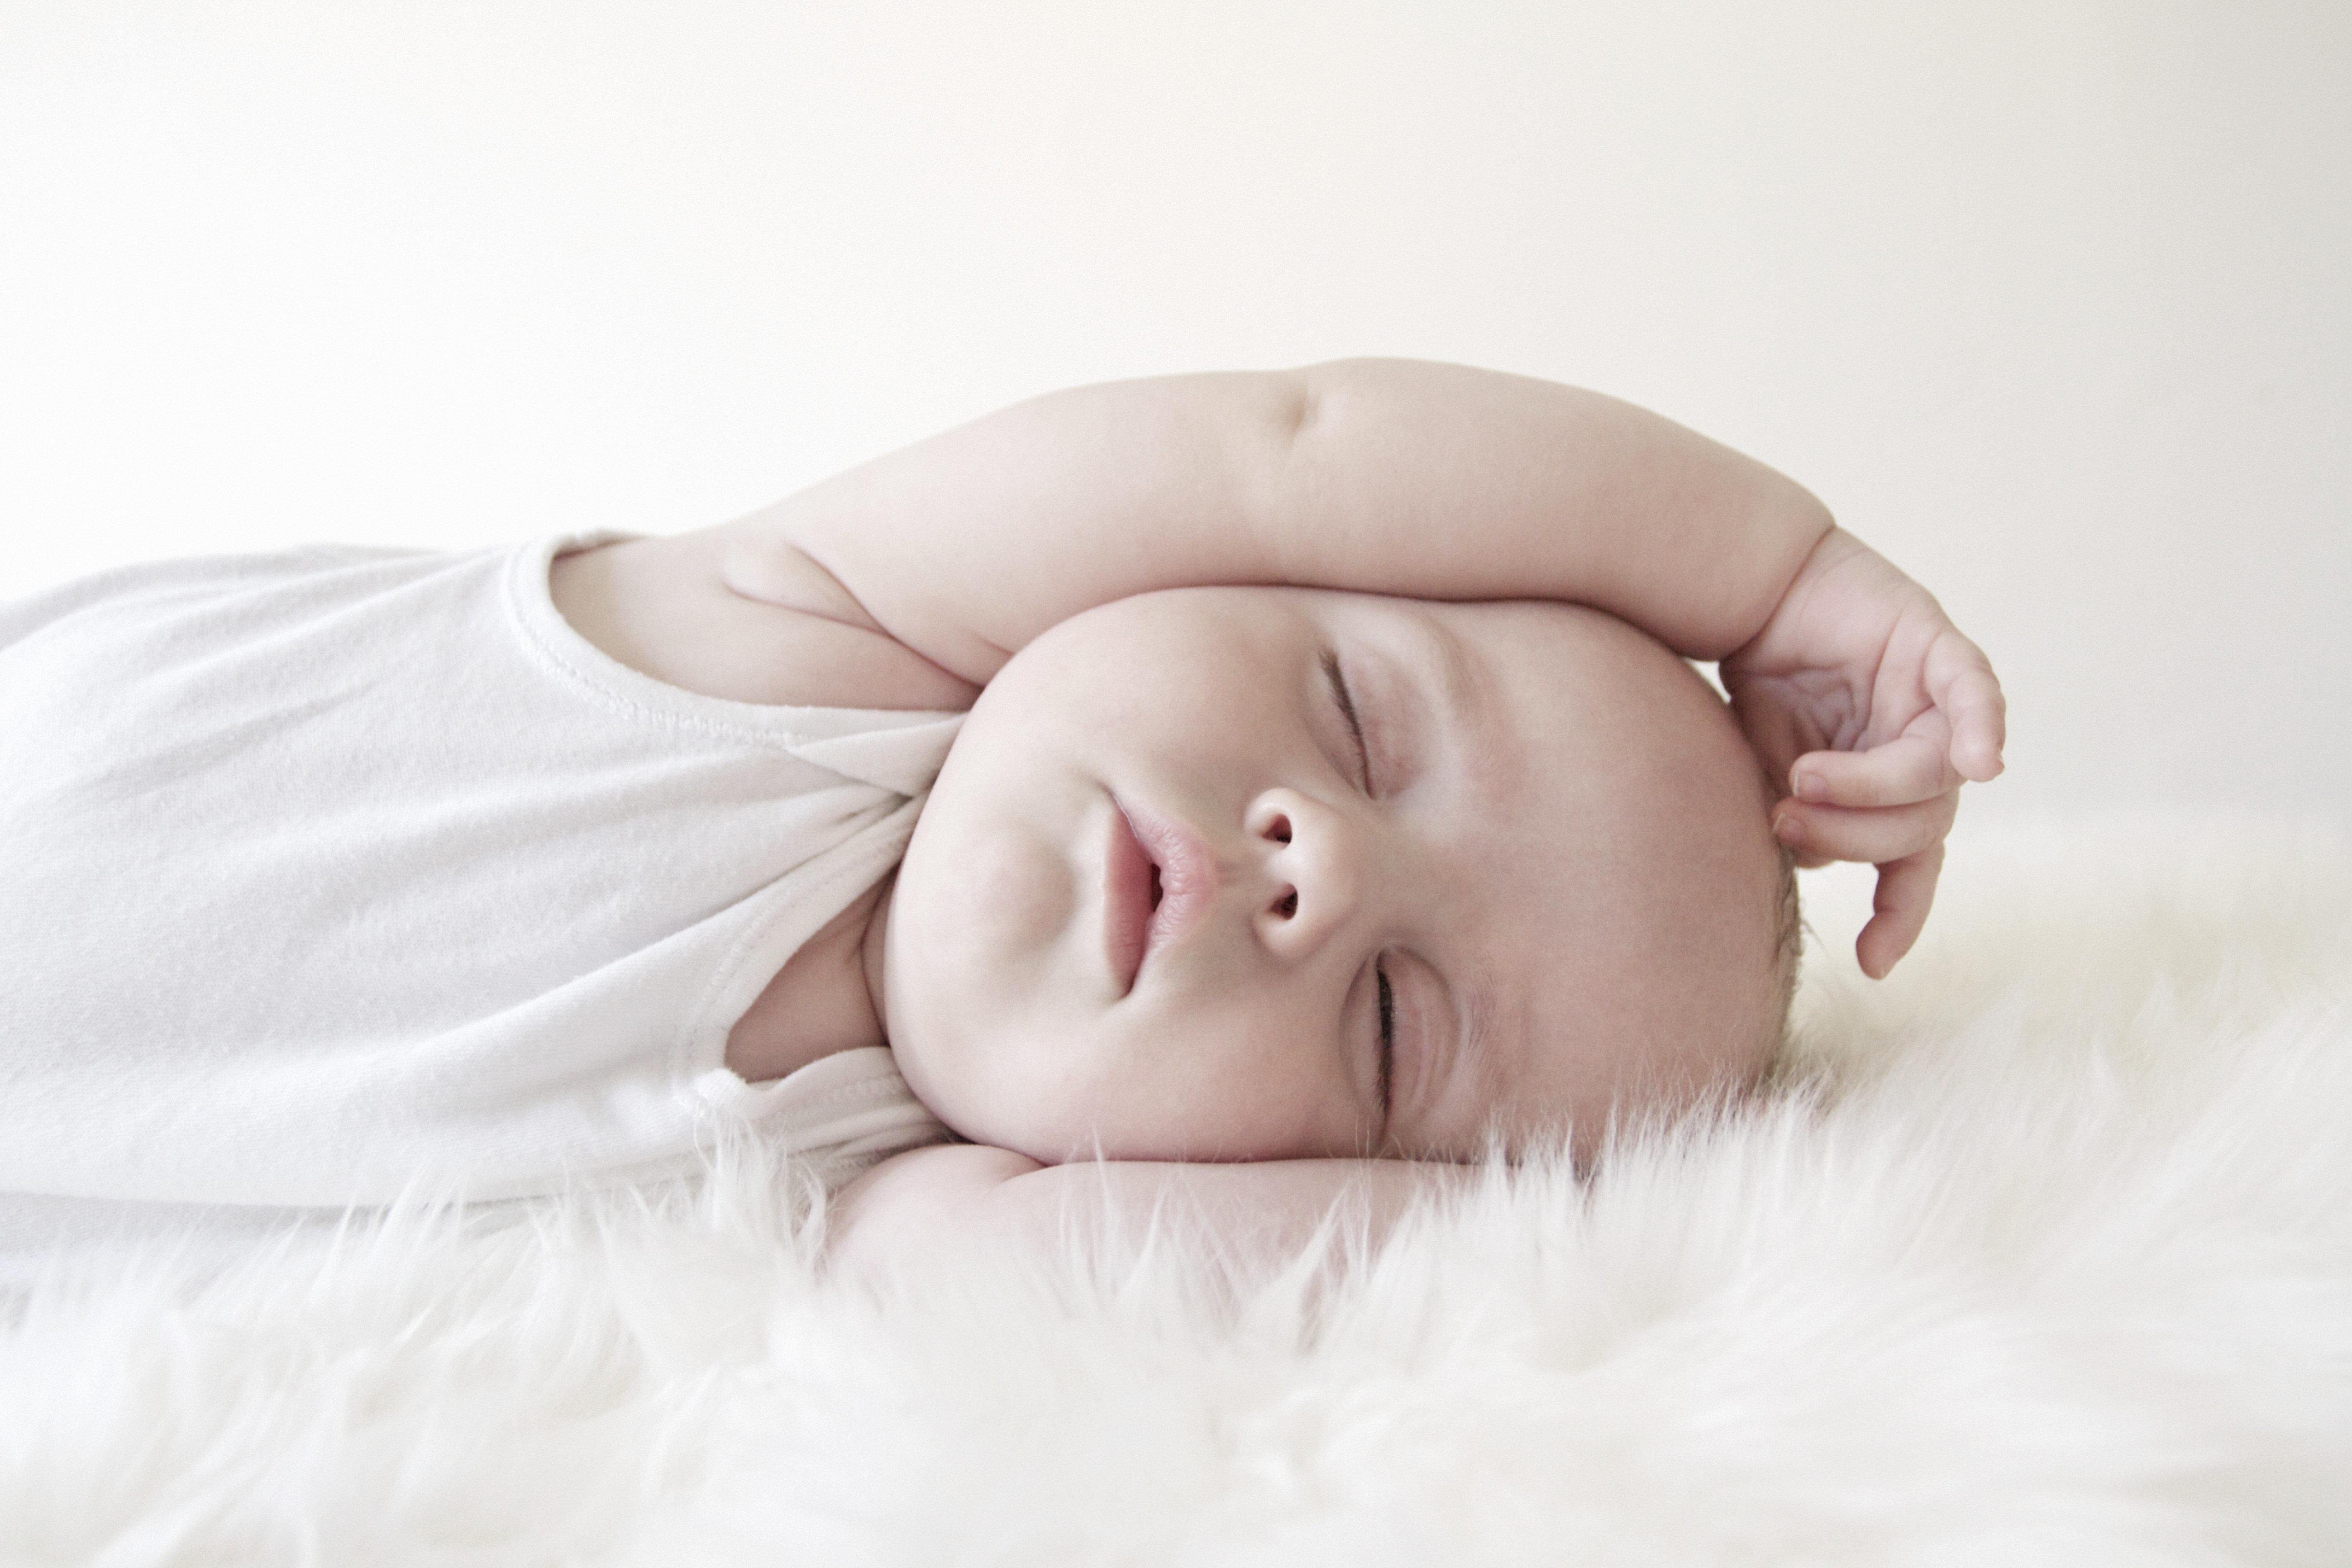 Portrait of baby sleeping